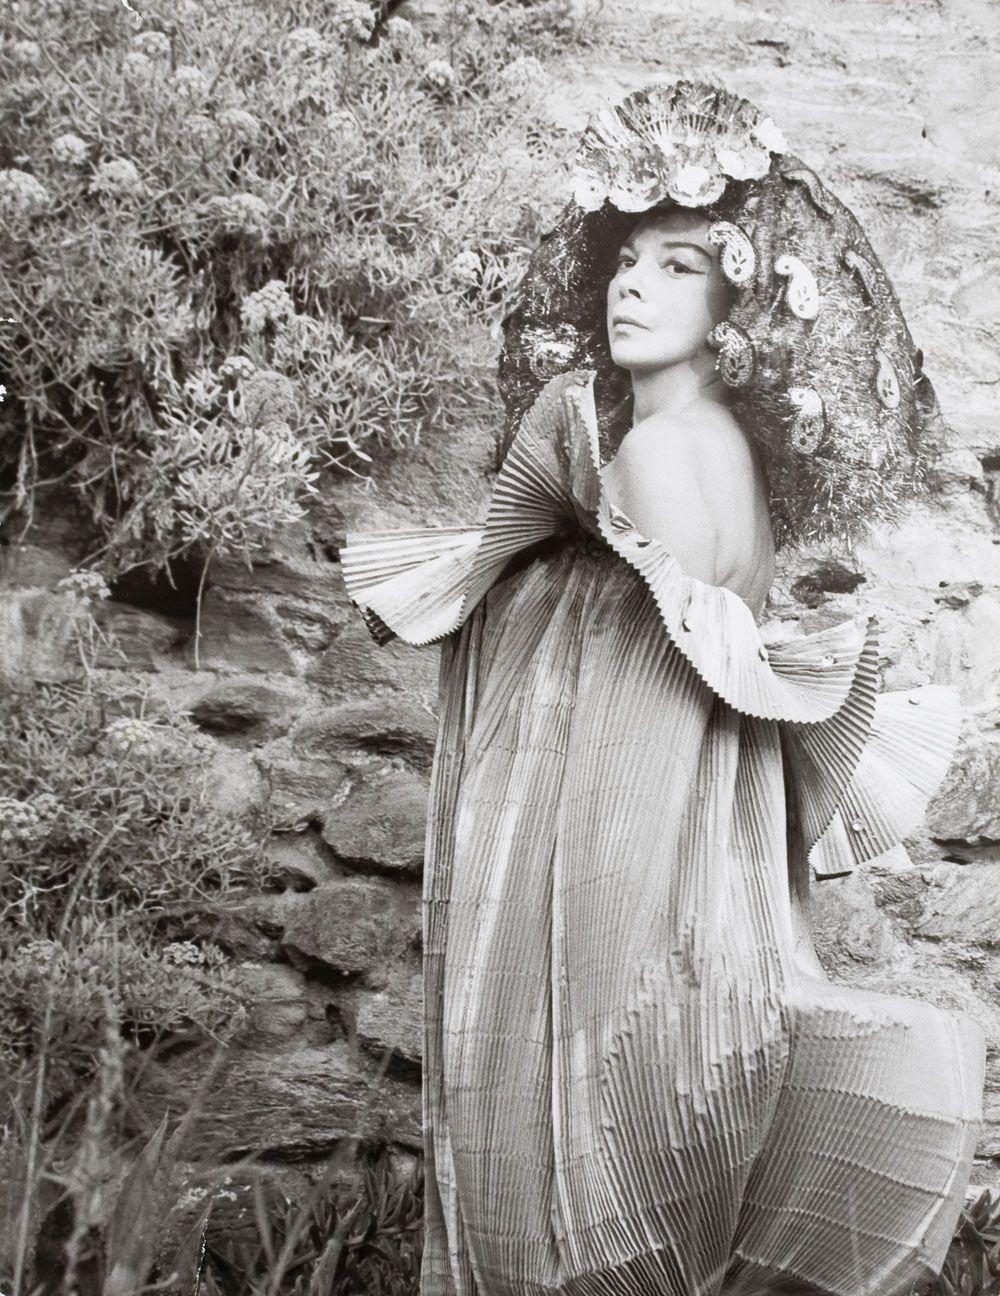 Leonor Fini au monastère de Nonza en Corse, photographiée par Eddy Brofferio, 1965